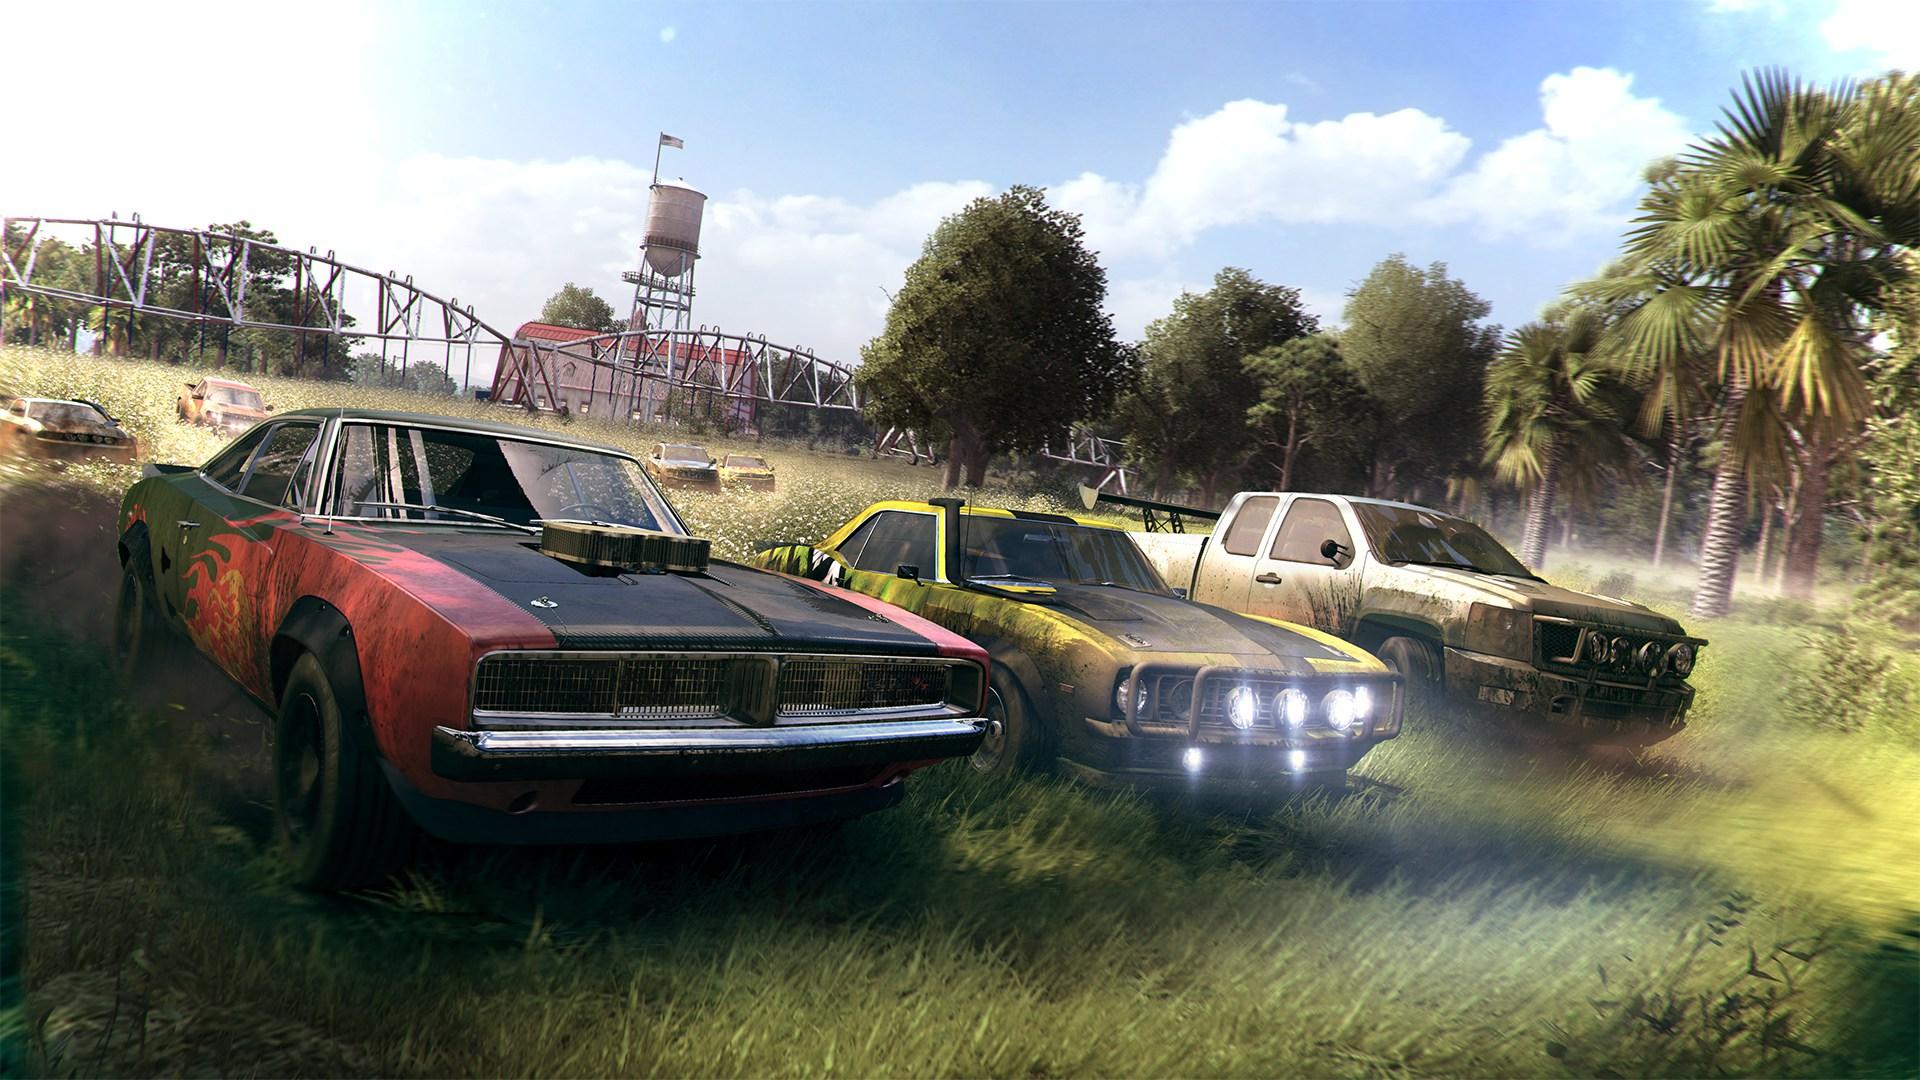 Вышло три новых видео The Crew 2 с геймплеем и советами от разработчиков